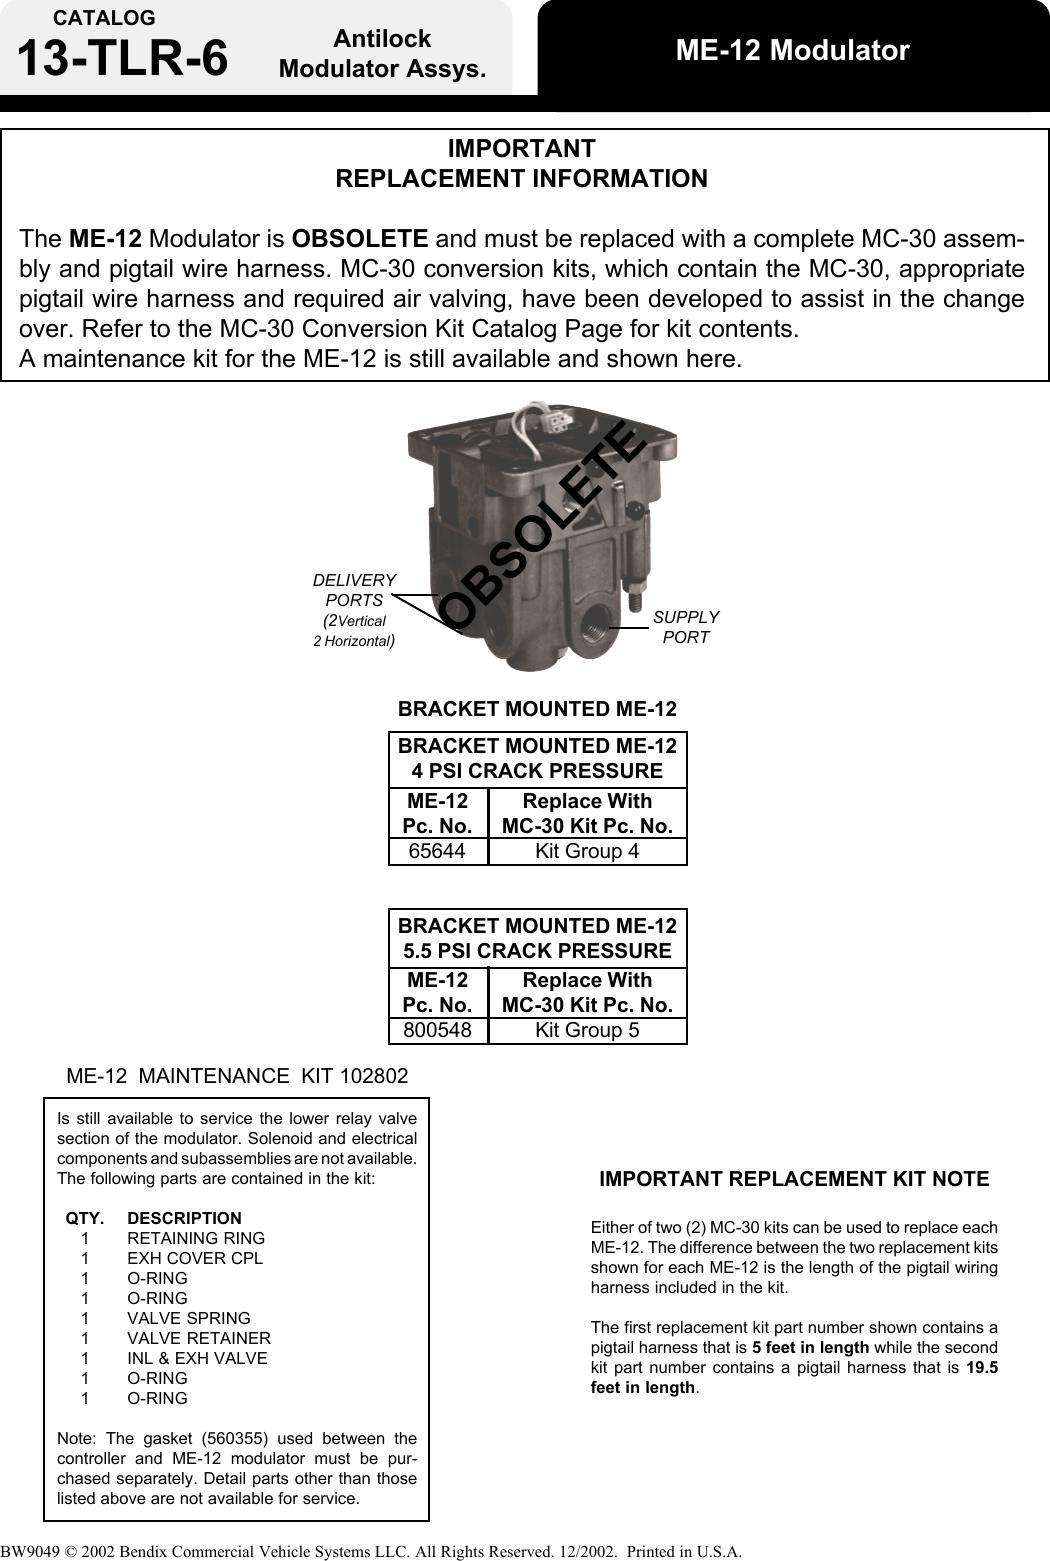 Bendix Bw9049 Users Manual General_